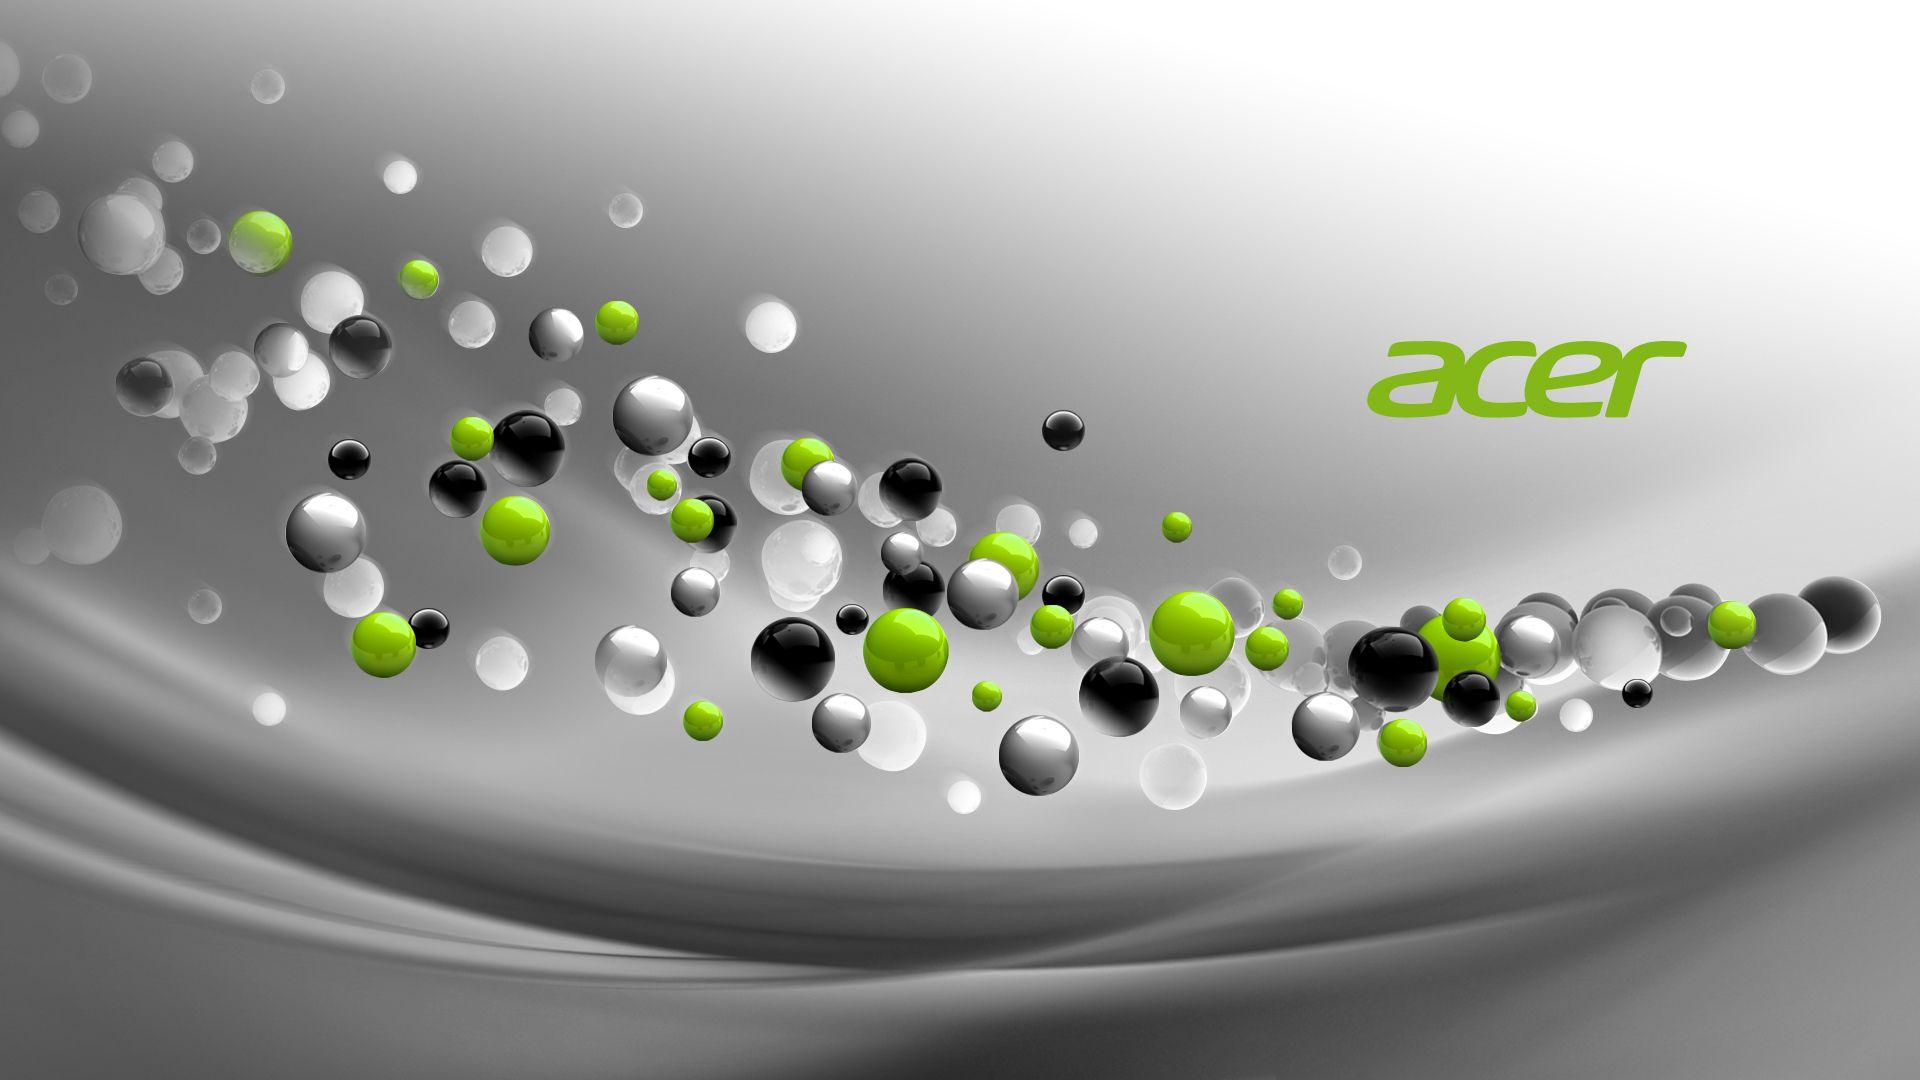 Wallpaper Acer